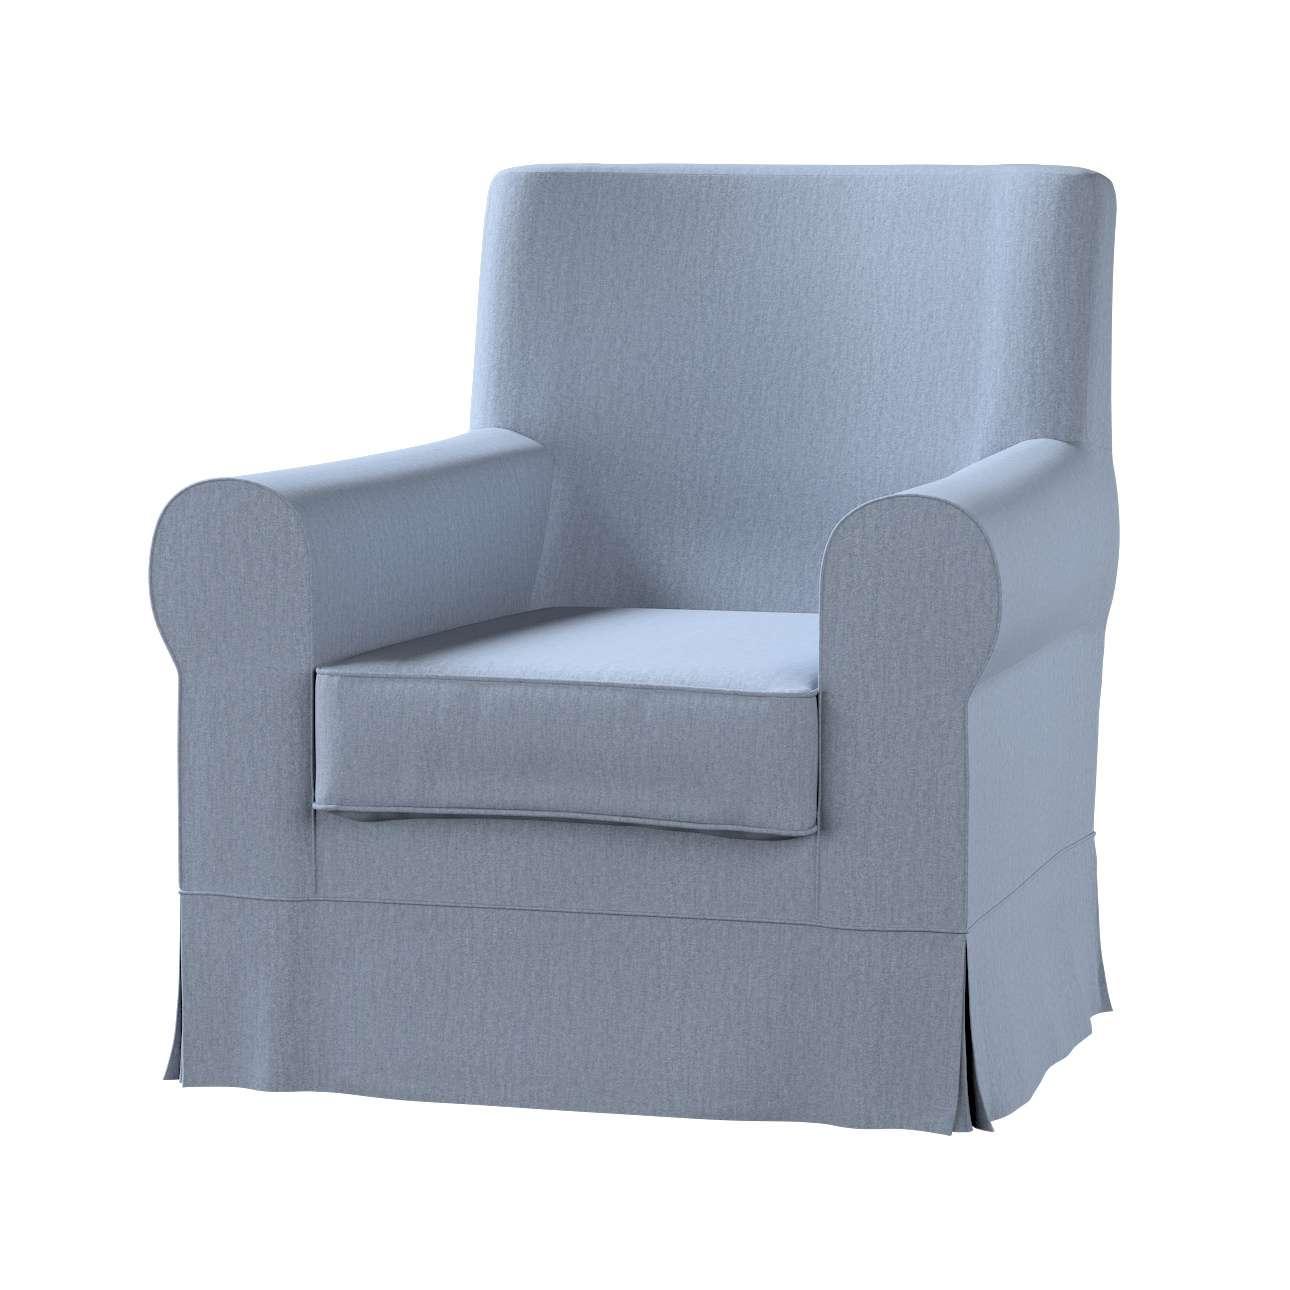 EKTORP JENNYLUND fotelio užvalkalas Ektorp Jennylund fotelio užvalkalas kolekcijoje Chenille, audinys: 702-13